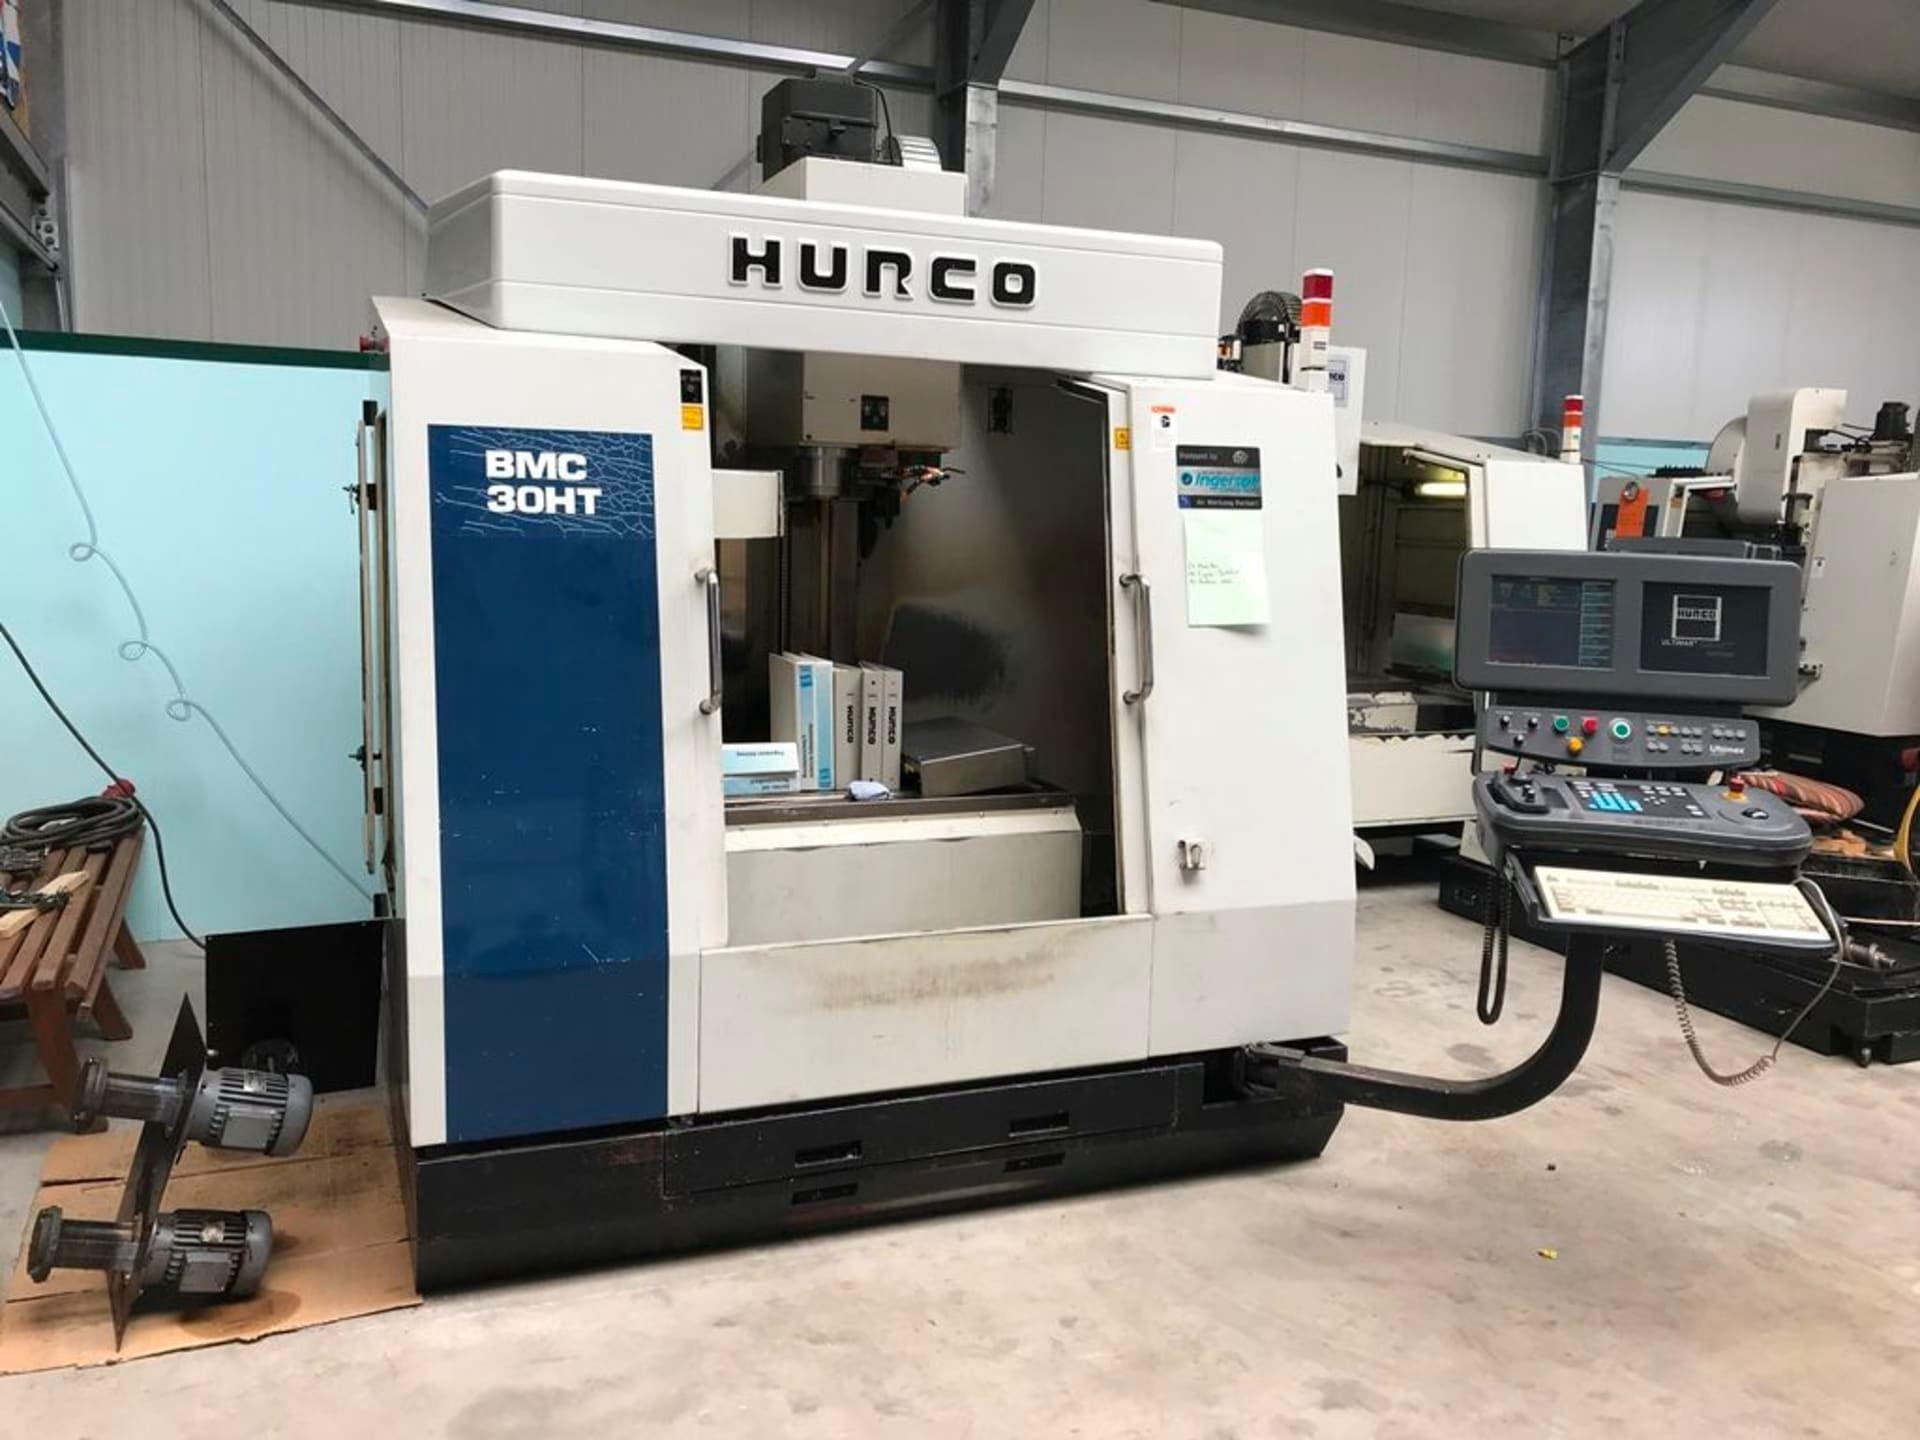 HURCO BMC 30HT Bearbeitungszentrum - Vertikal